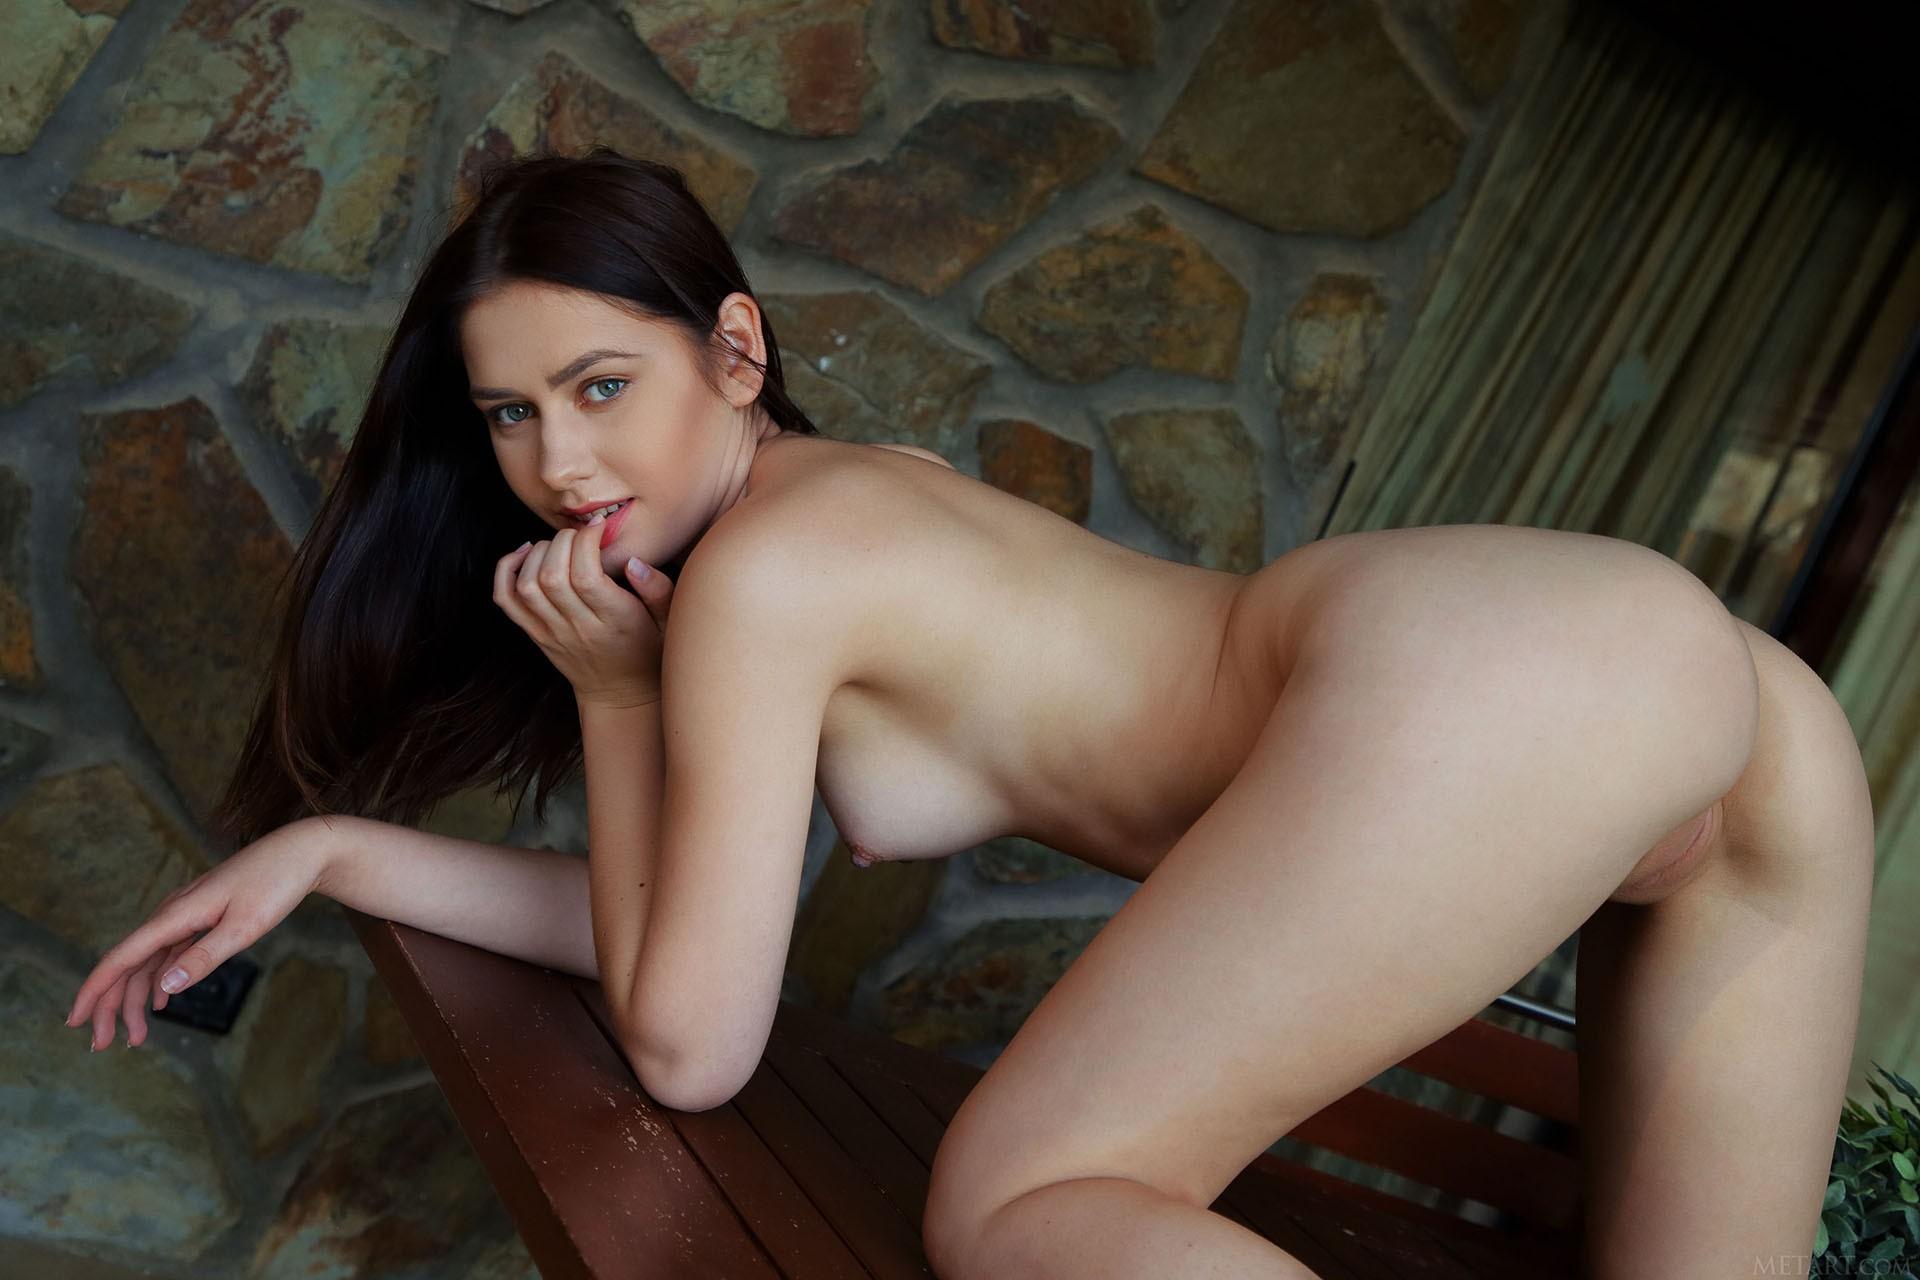 http://media.naked-woman.org/uploads/2020/04/10586_86.jpg